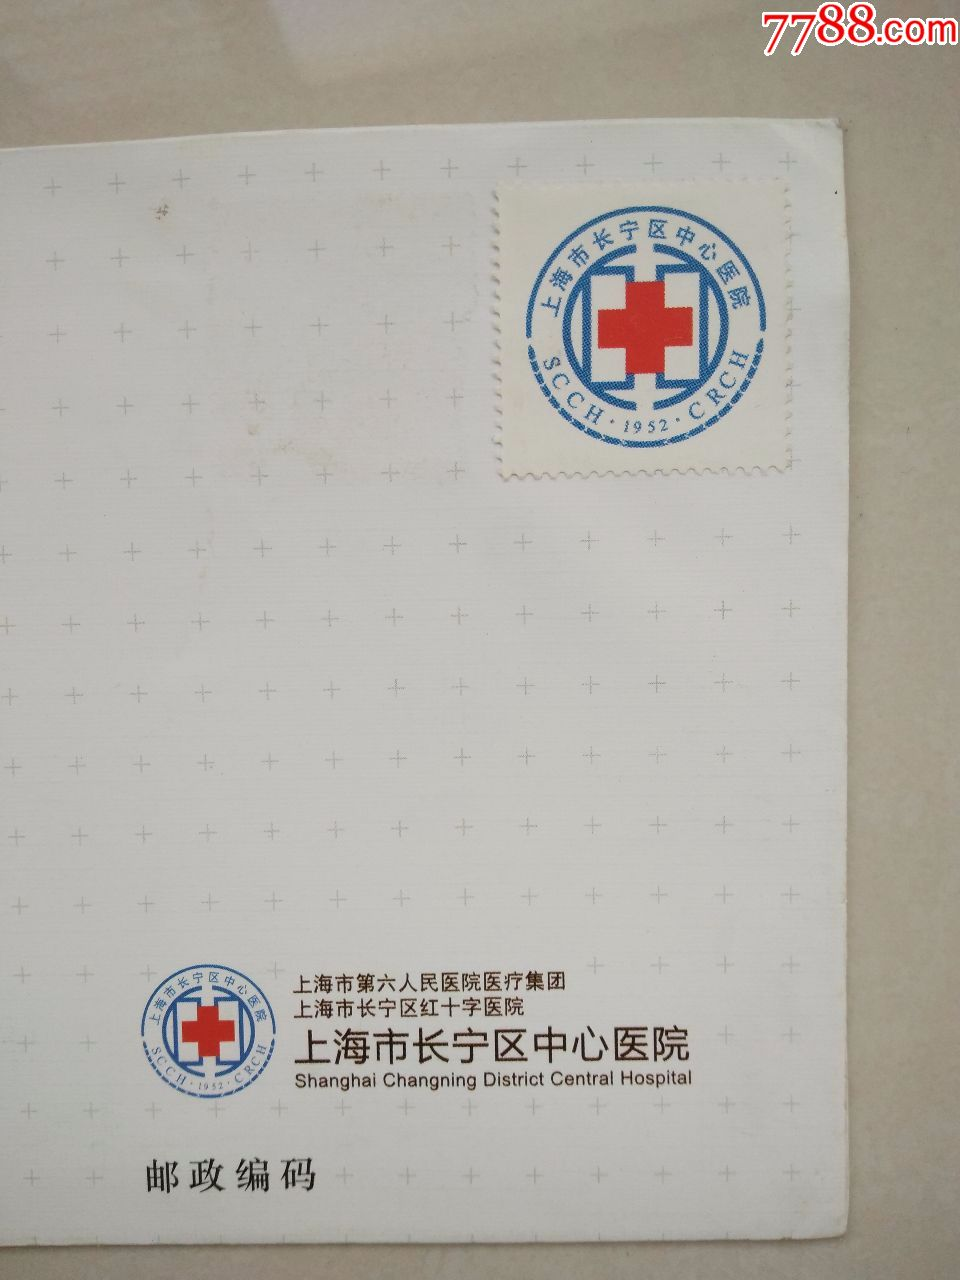 上海市长宁区中心医院建院60周年(1952-2012)纪念封